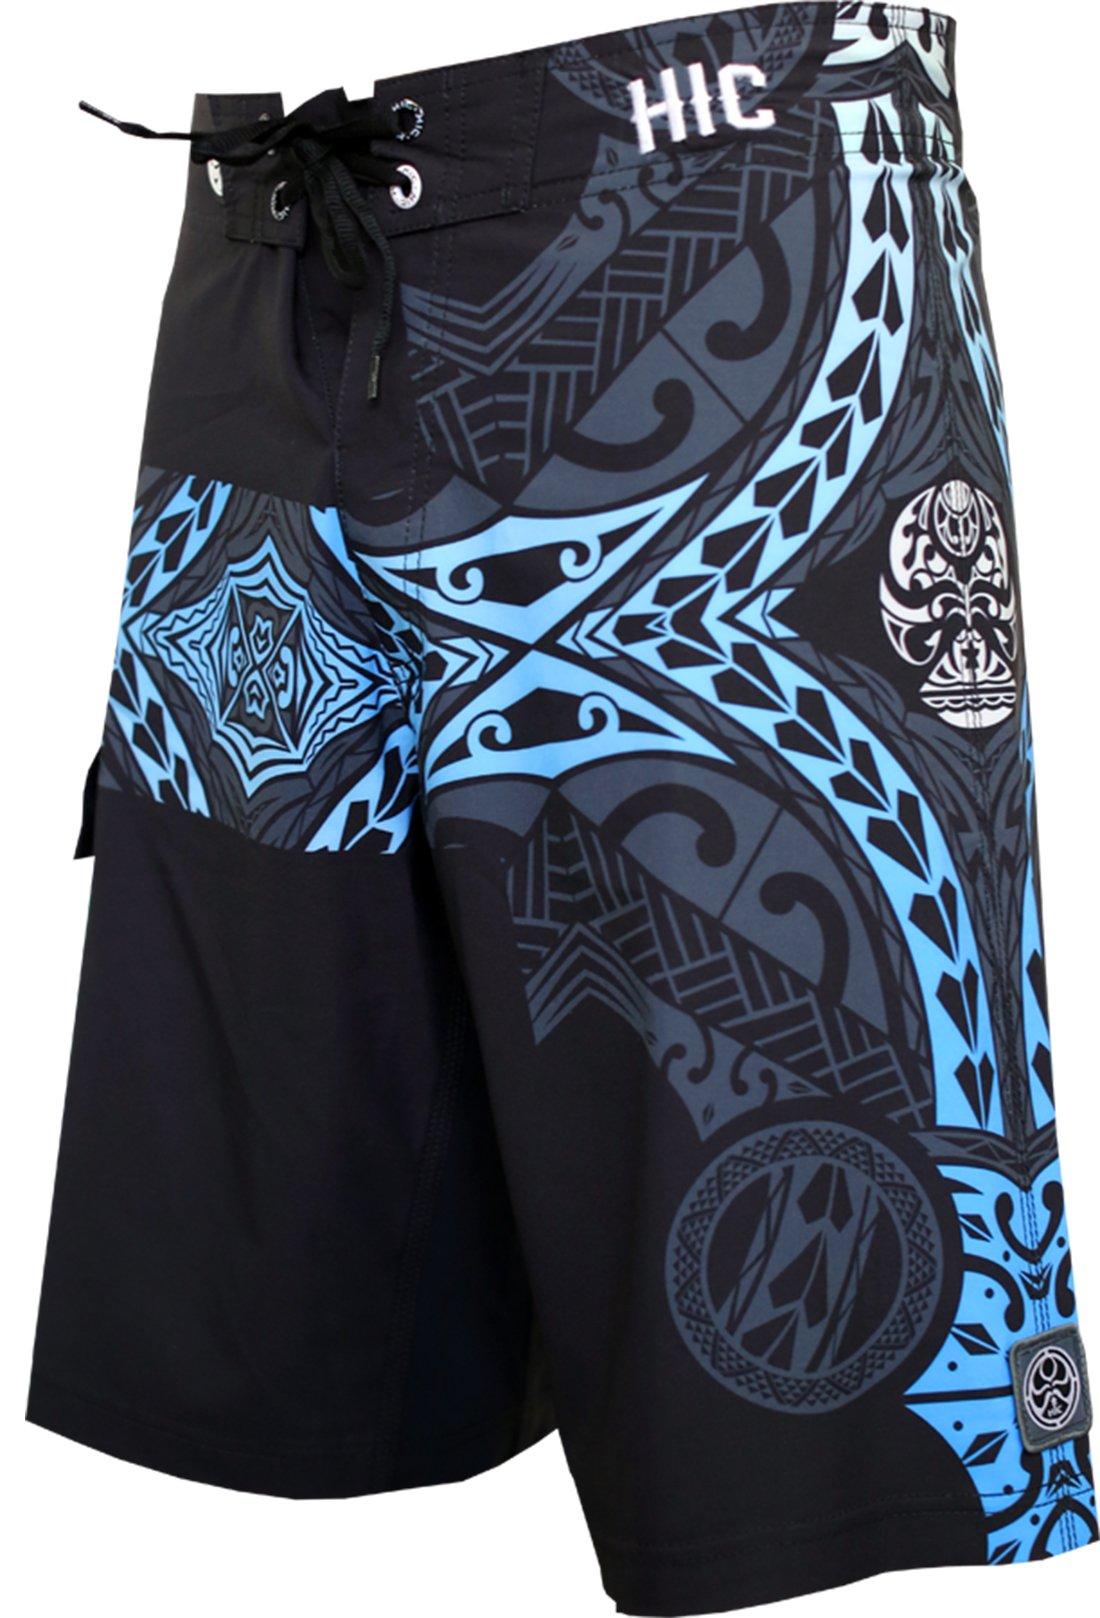 Hawaiian Island Creations (HIC) 21'' Kanaha 8 Way Stretch Boardshorts, Black Sky, 36 by Hawaiian Island Creations (HIC)